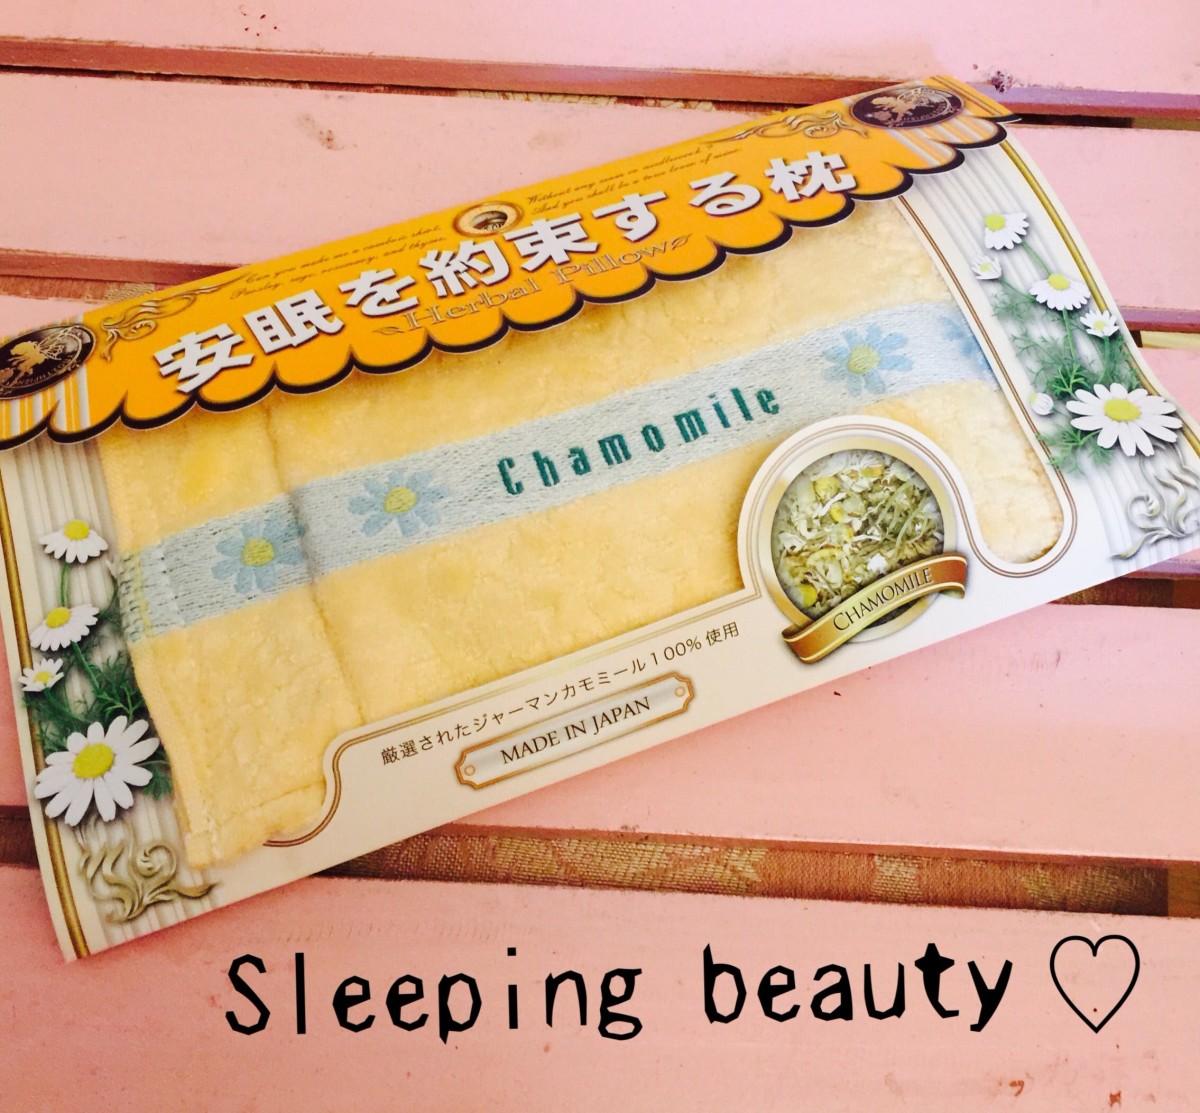 ワンコイン500円で睡眠美容!プレゼントにも最適。ハーブ枕がおススメ♡